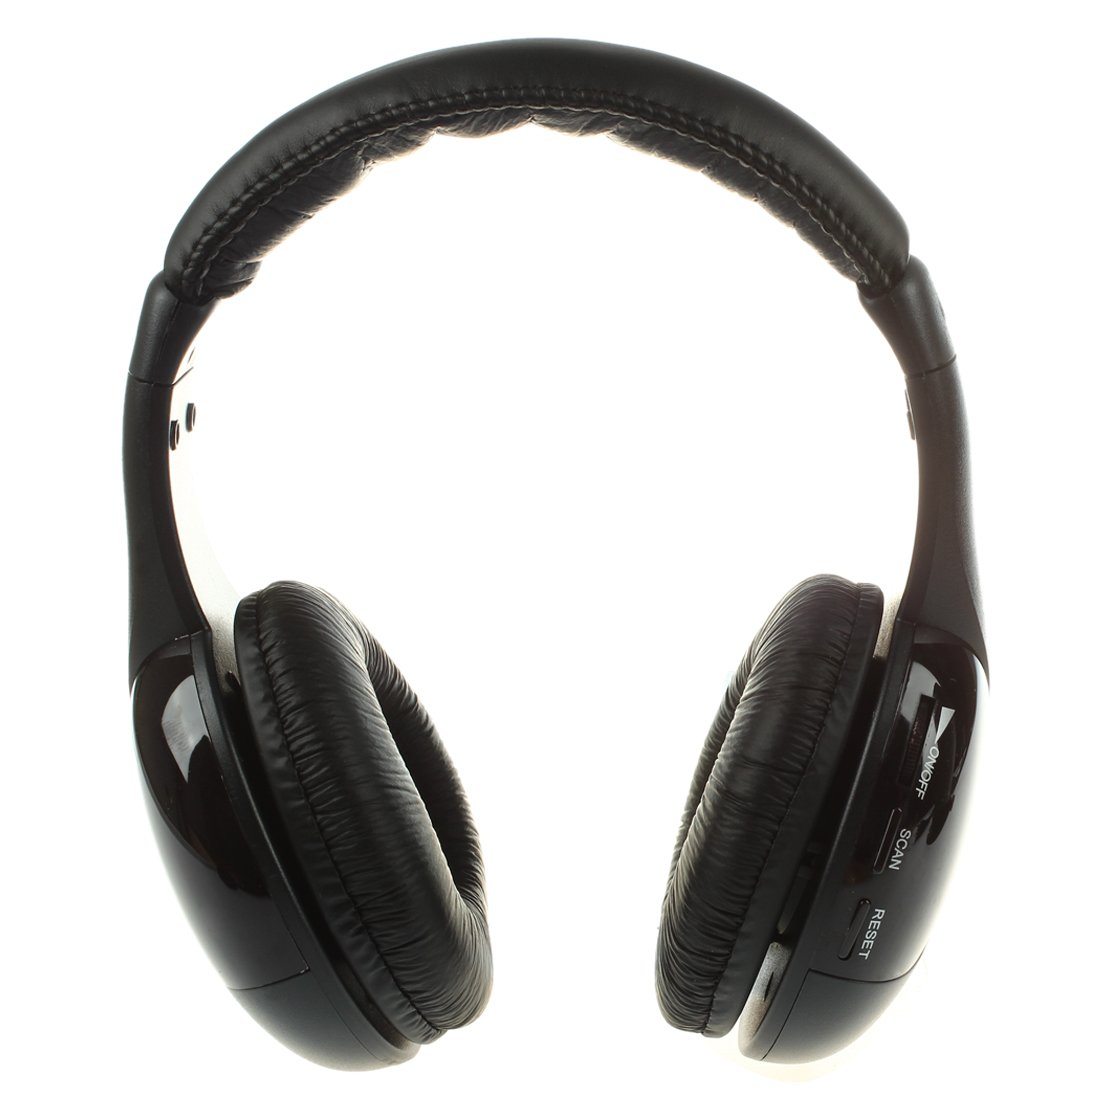 SODIAL 5 en 1 Auriculares inalambricos HiFi Radio FM Monitor MP3 PC TV Audio Telefonos moviles Negro: Amazon.es: Electrónica